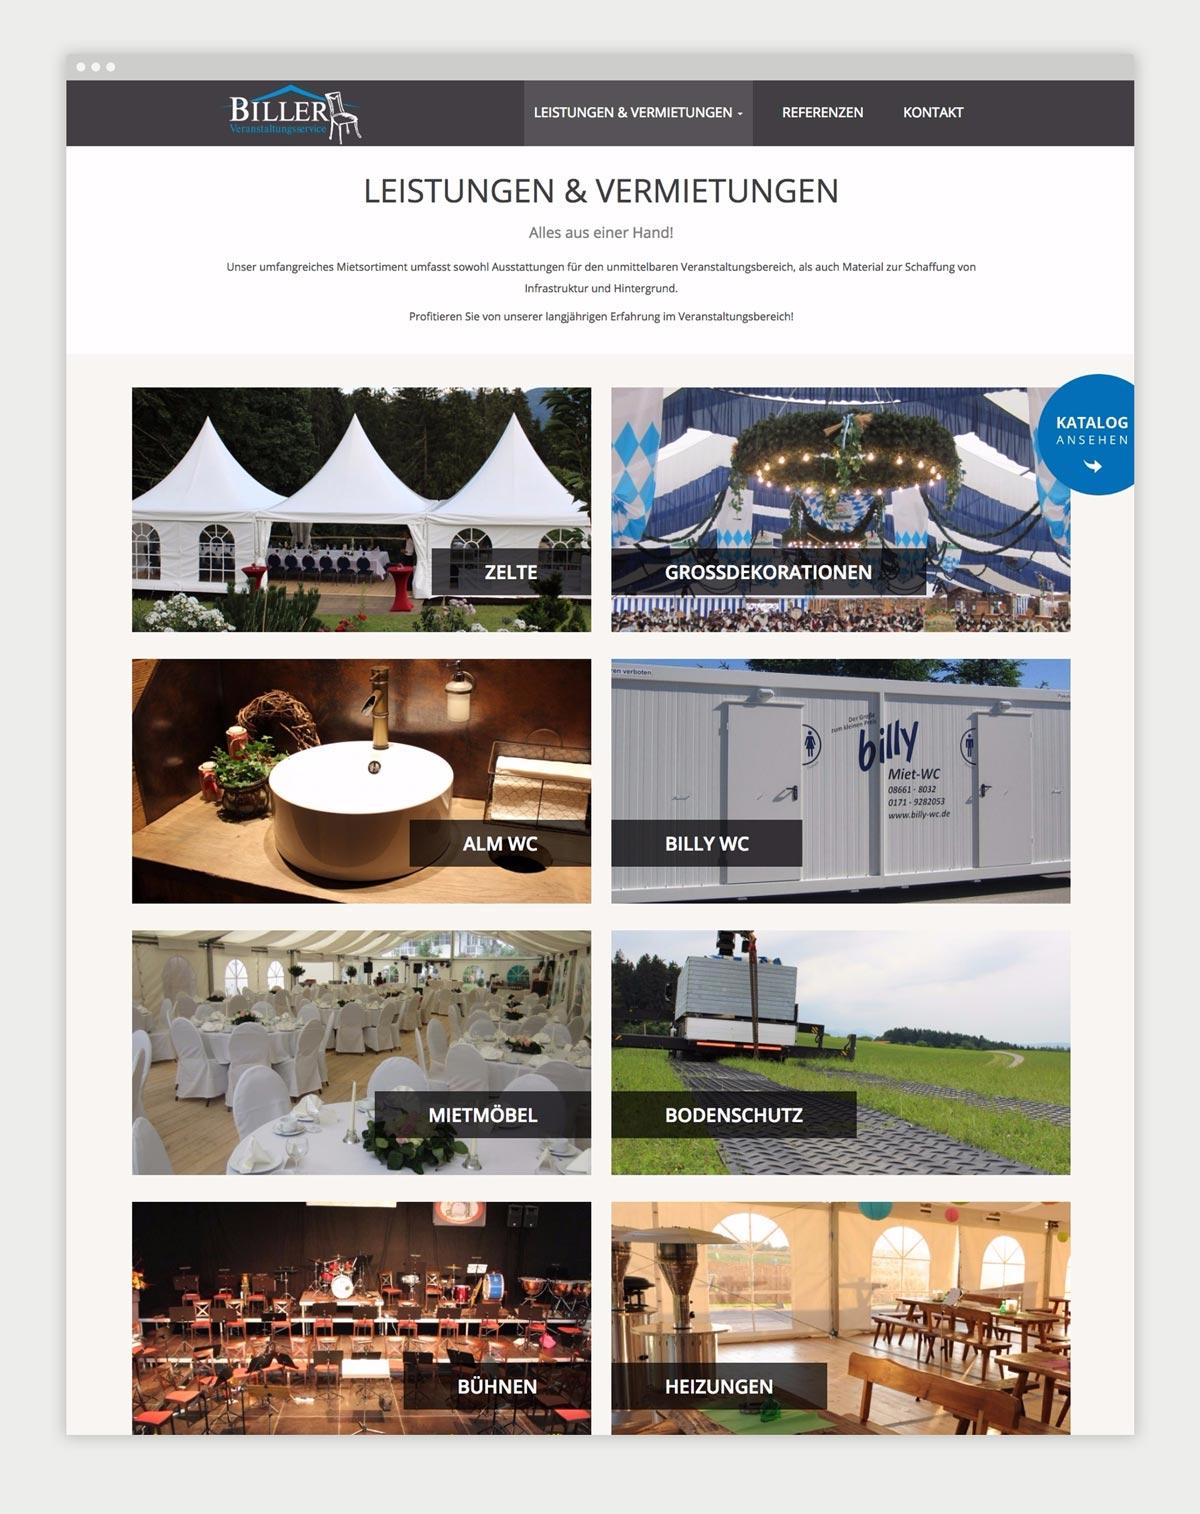 Contentseite von Biller Veranstaltungsservice